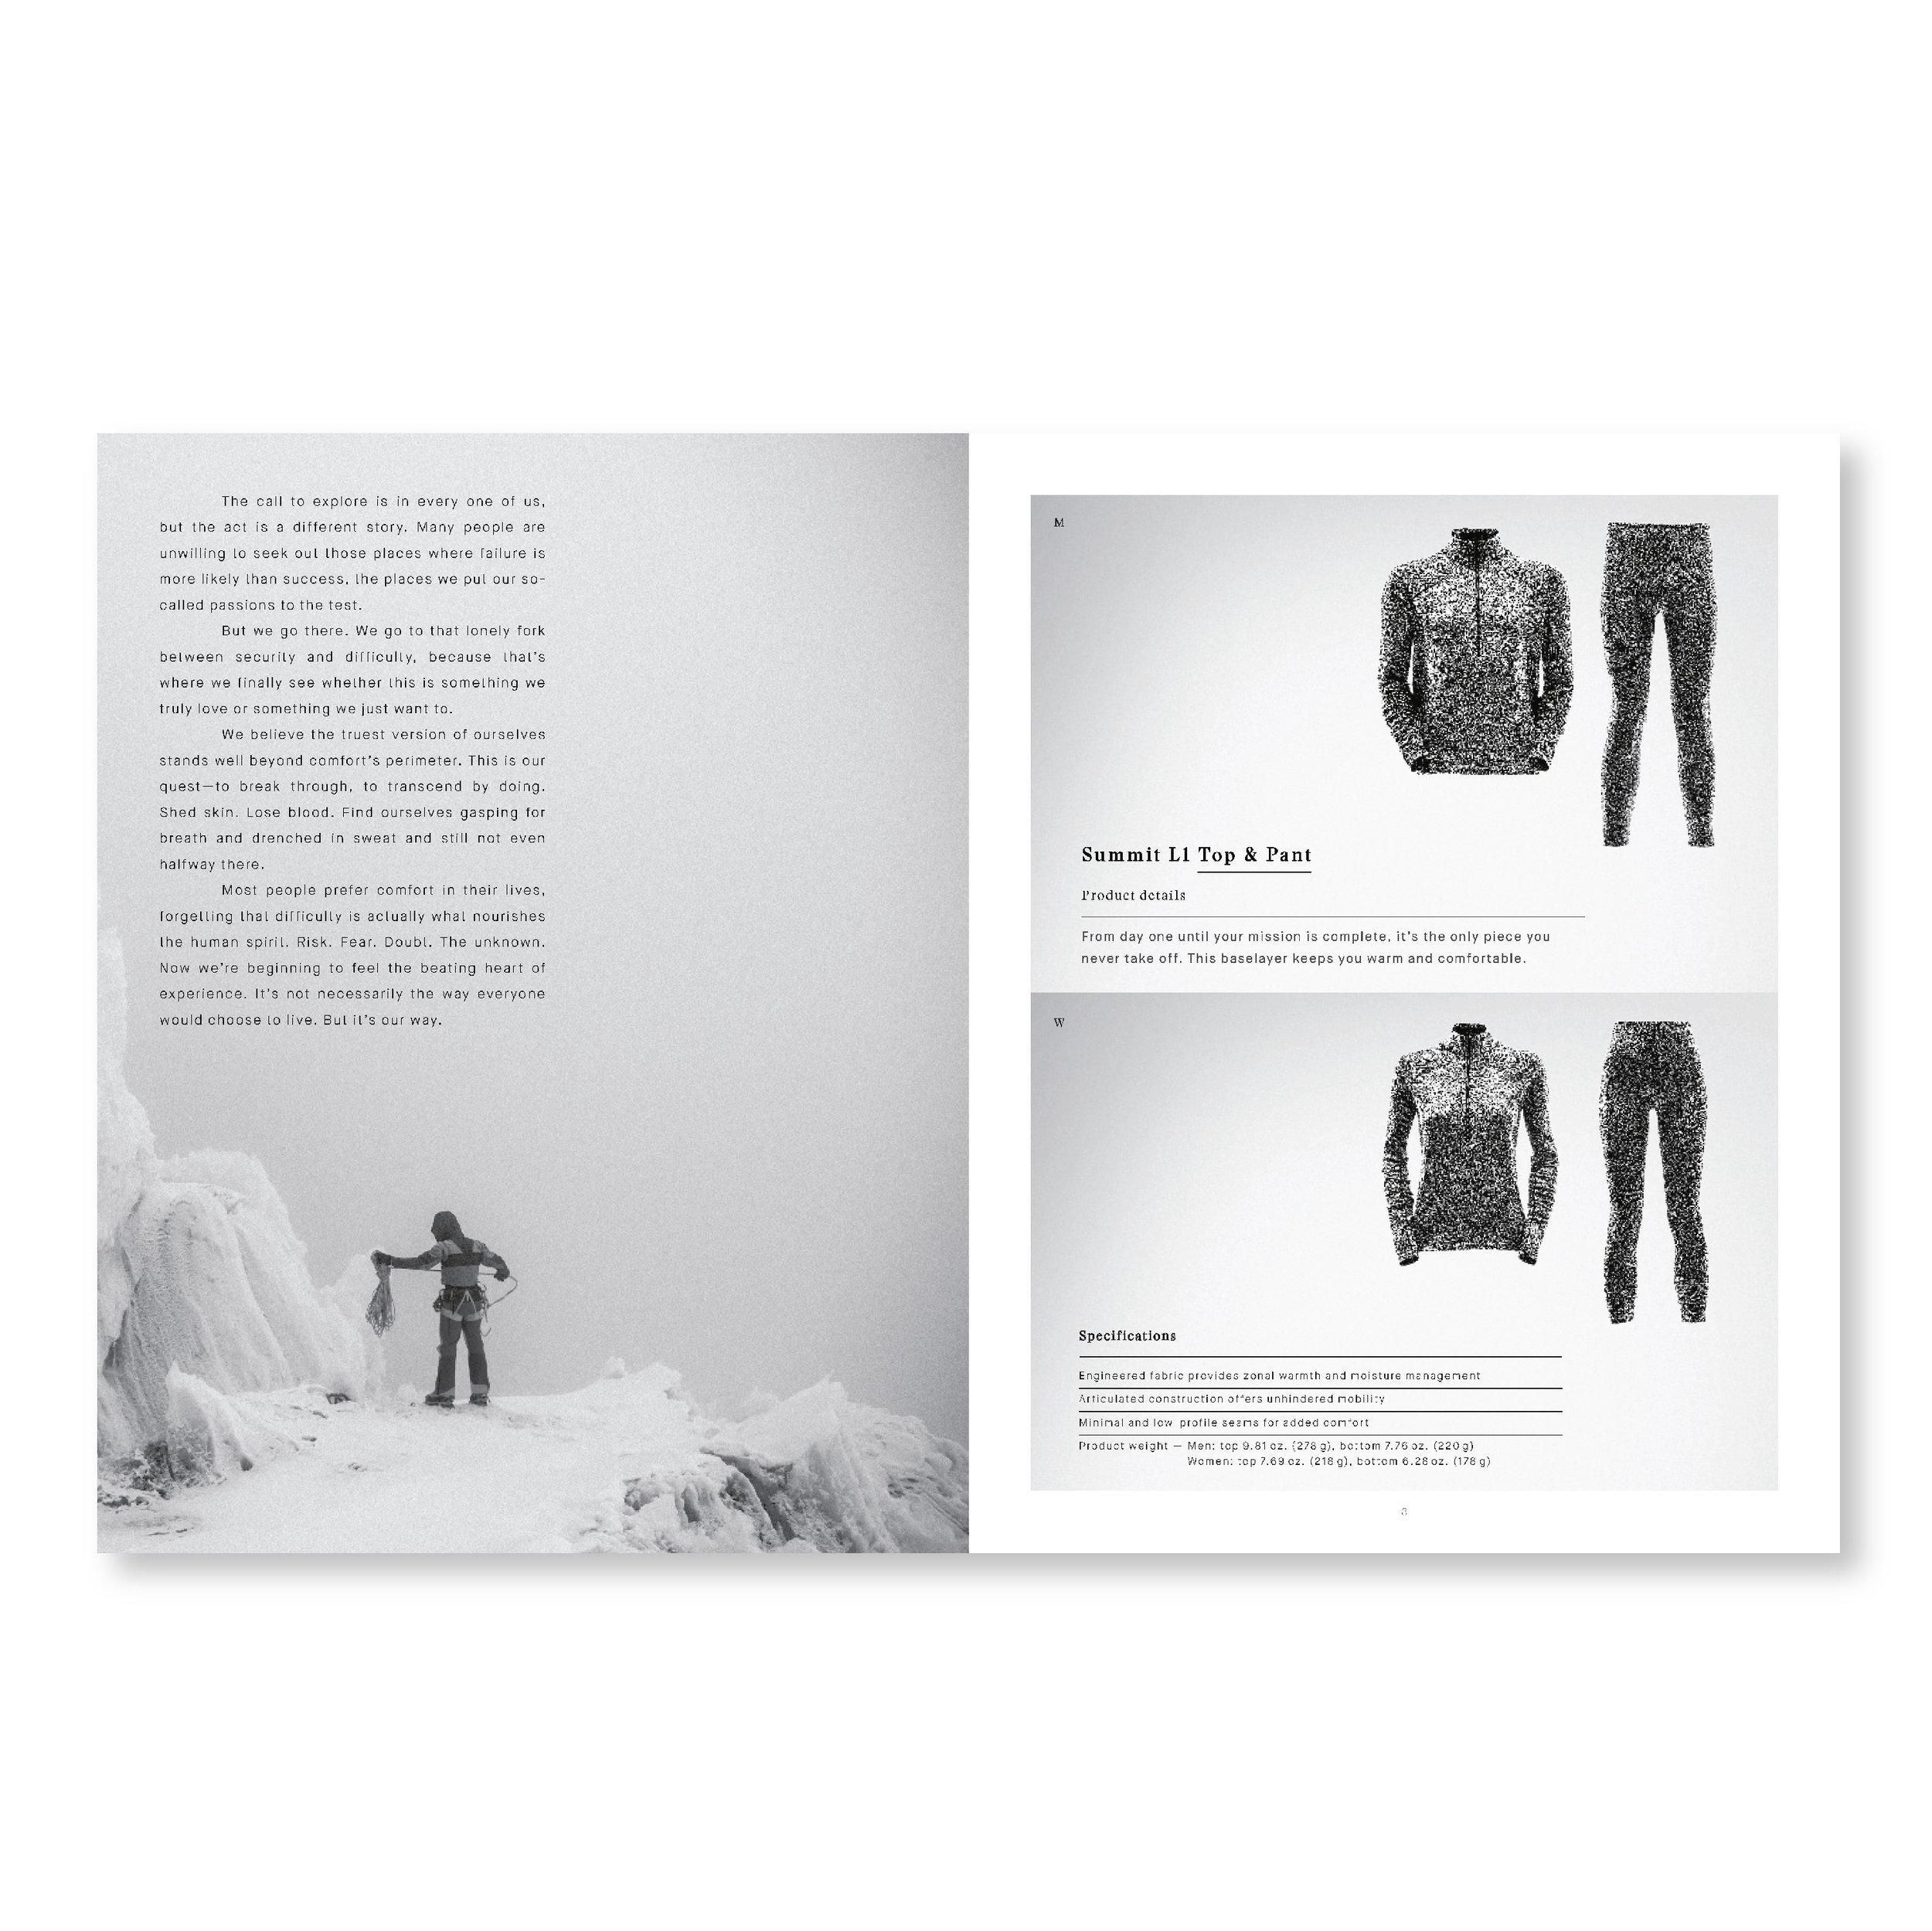 15-TNF-1466 F15 Summit Series Lookbook-7x9-082715-v01s-02.jpg